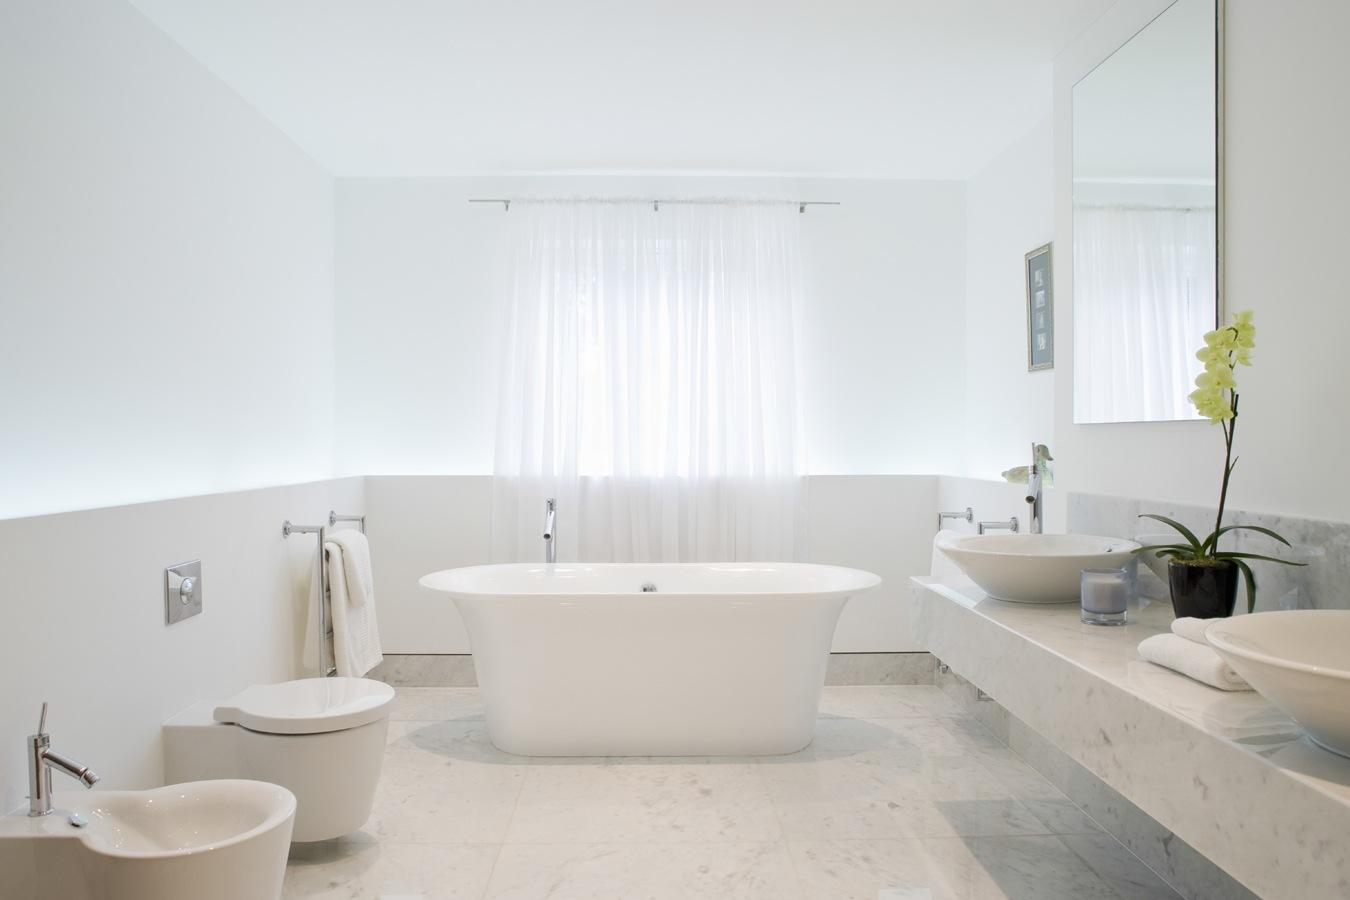 Moderne badkamer in wit marmer